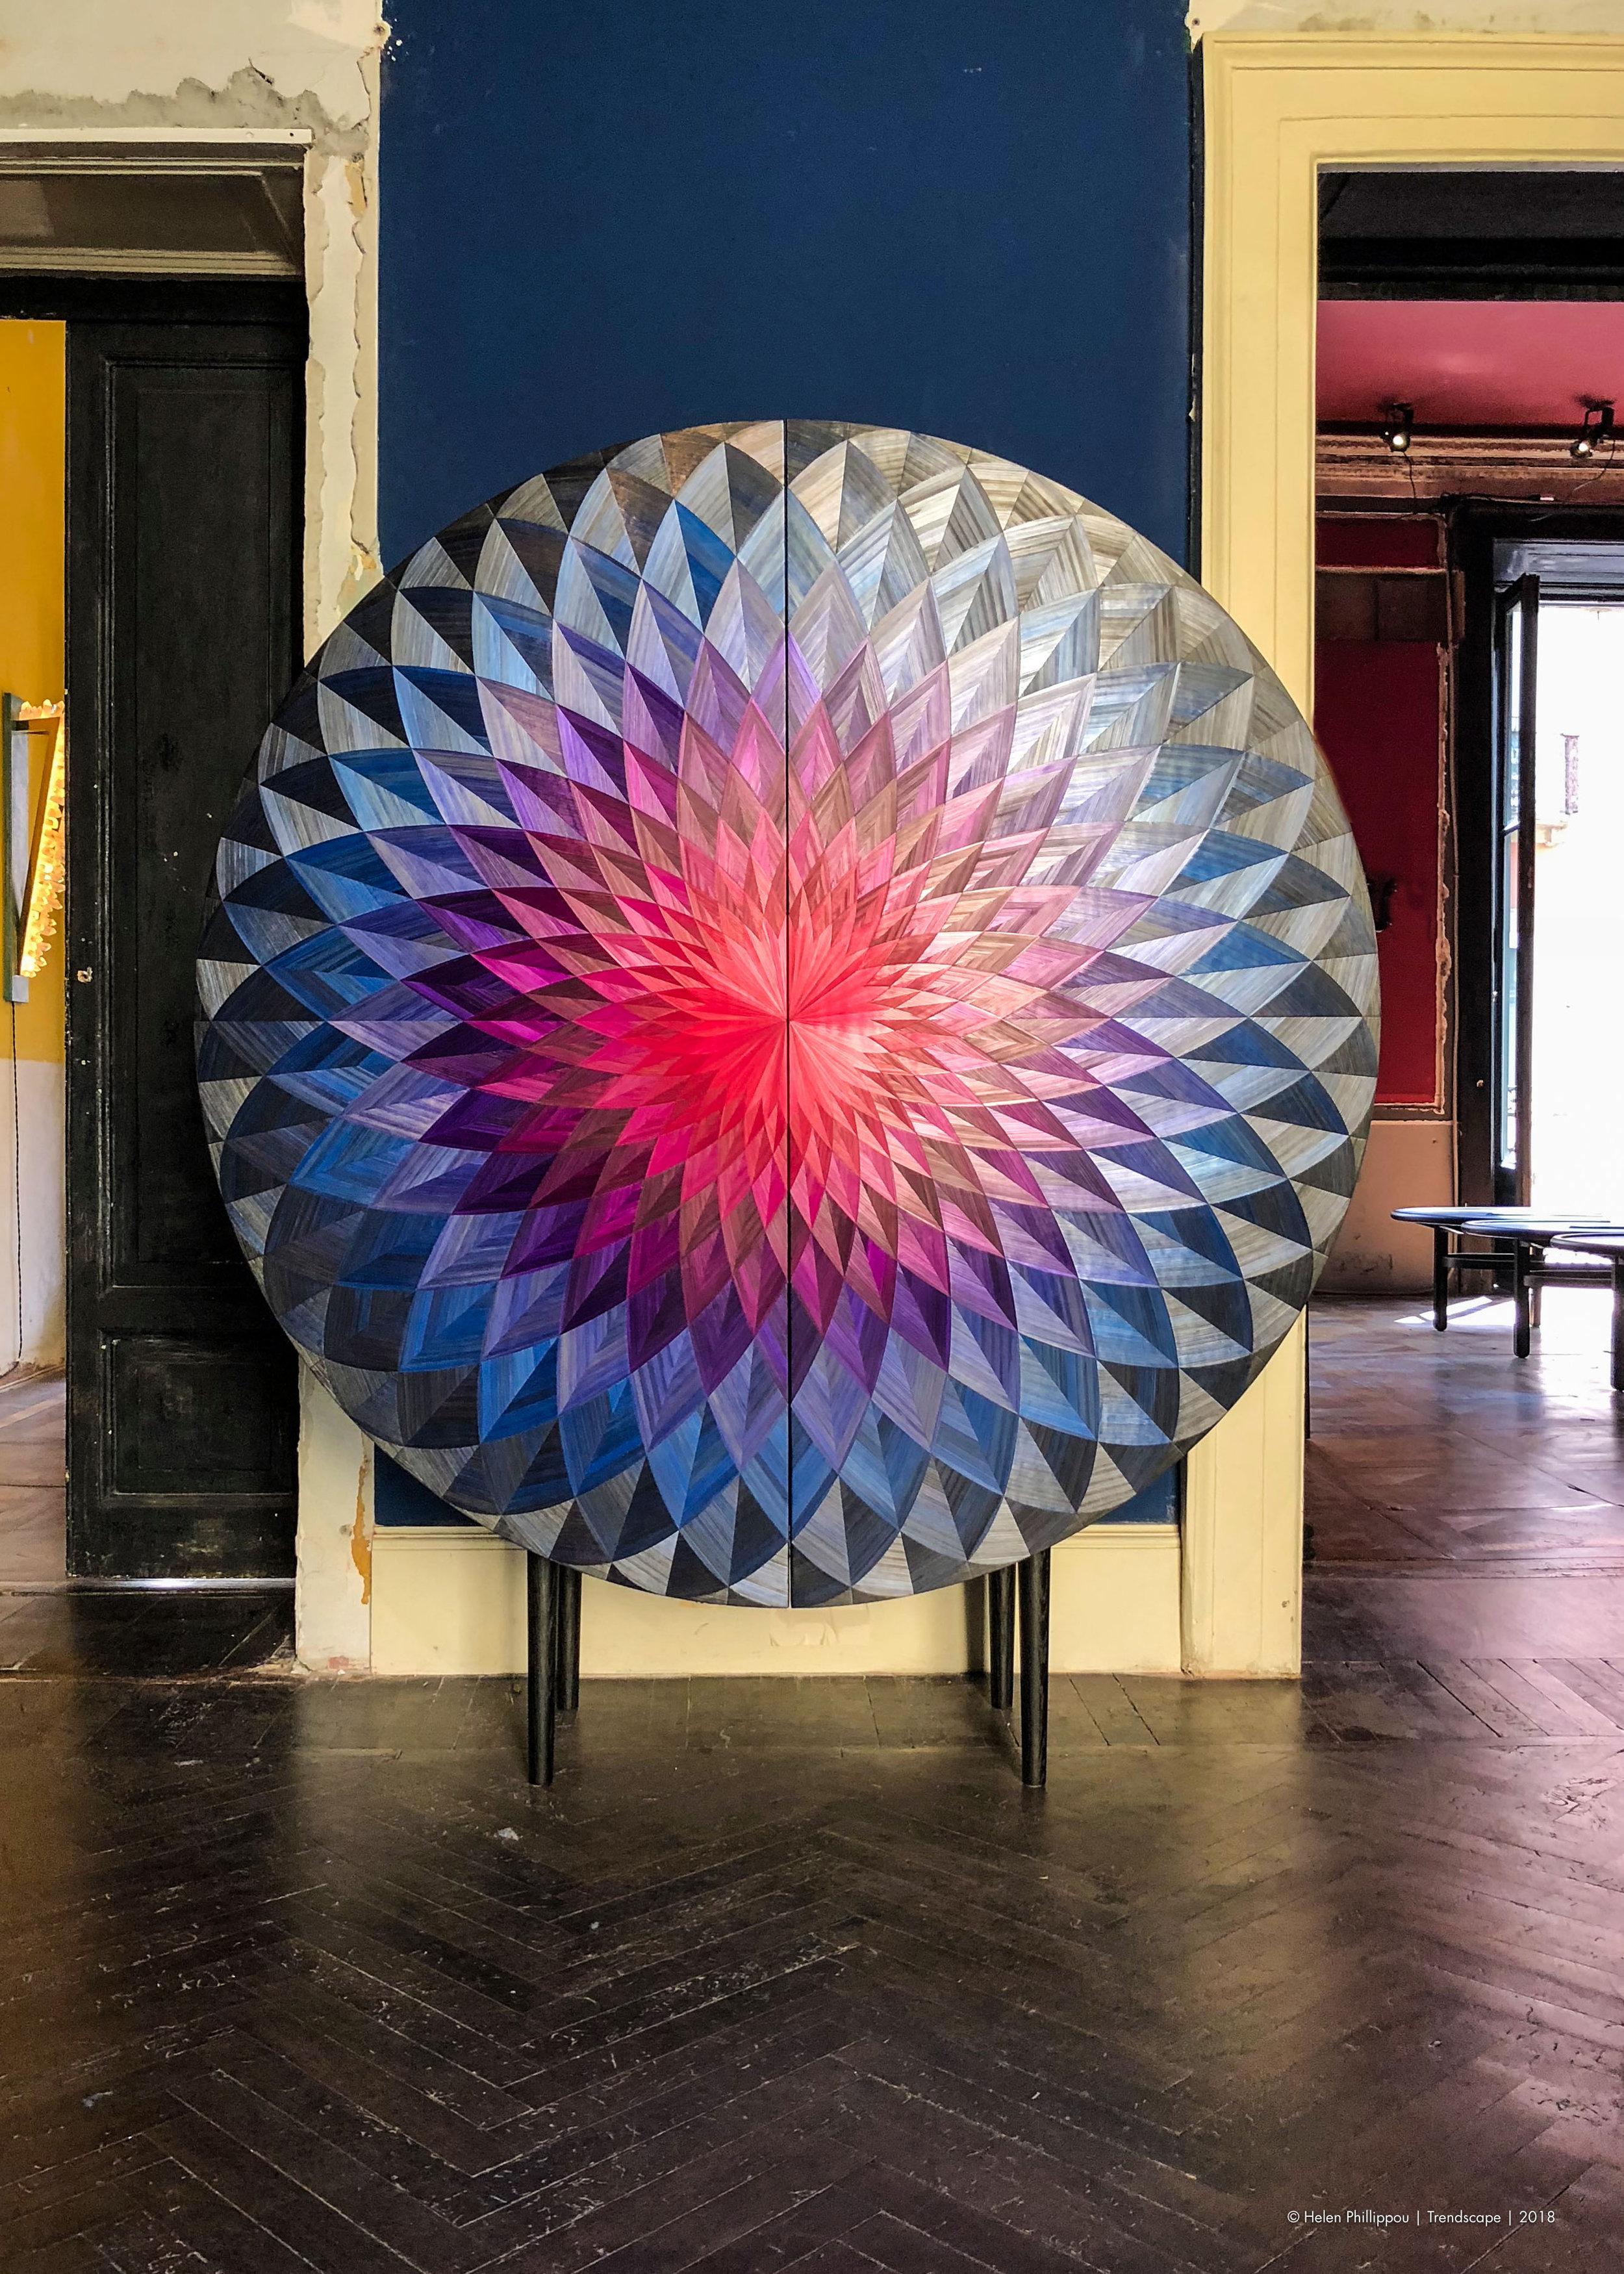 Local Design_Milan Design Week 2018_3.jpg